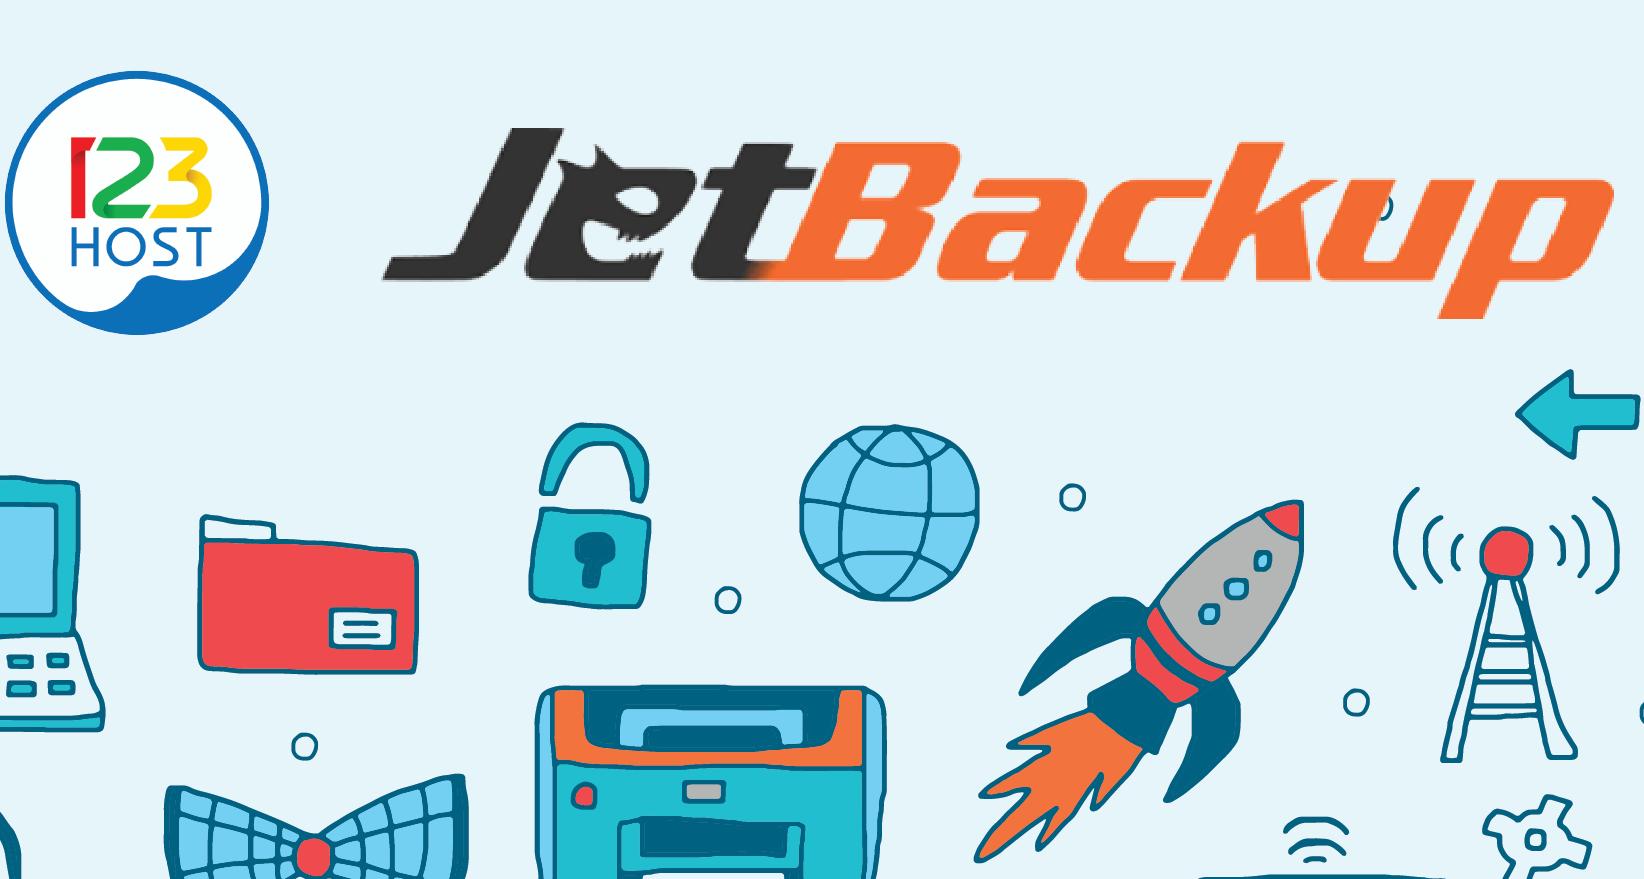 Giới Thiệu Tính Năng Jetbackup Của Hosting